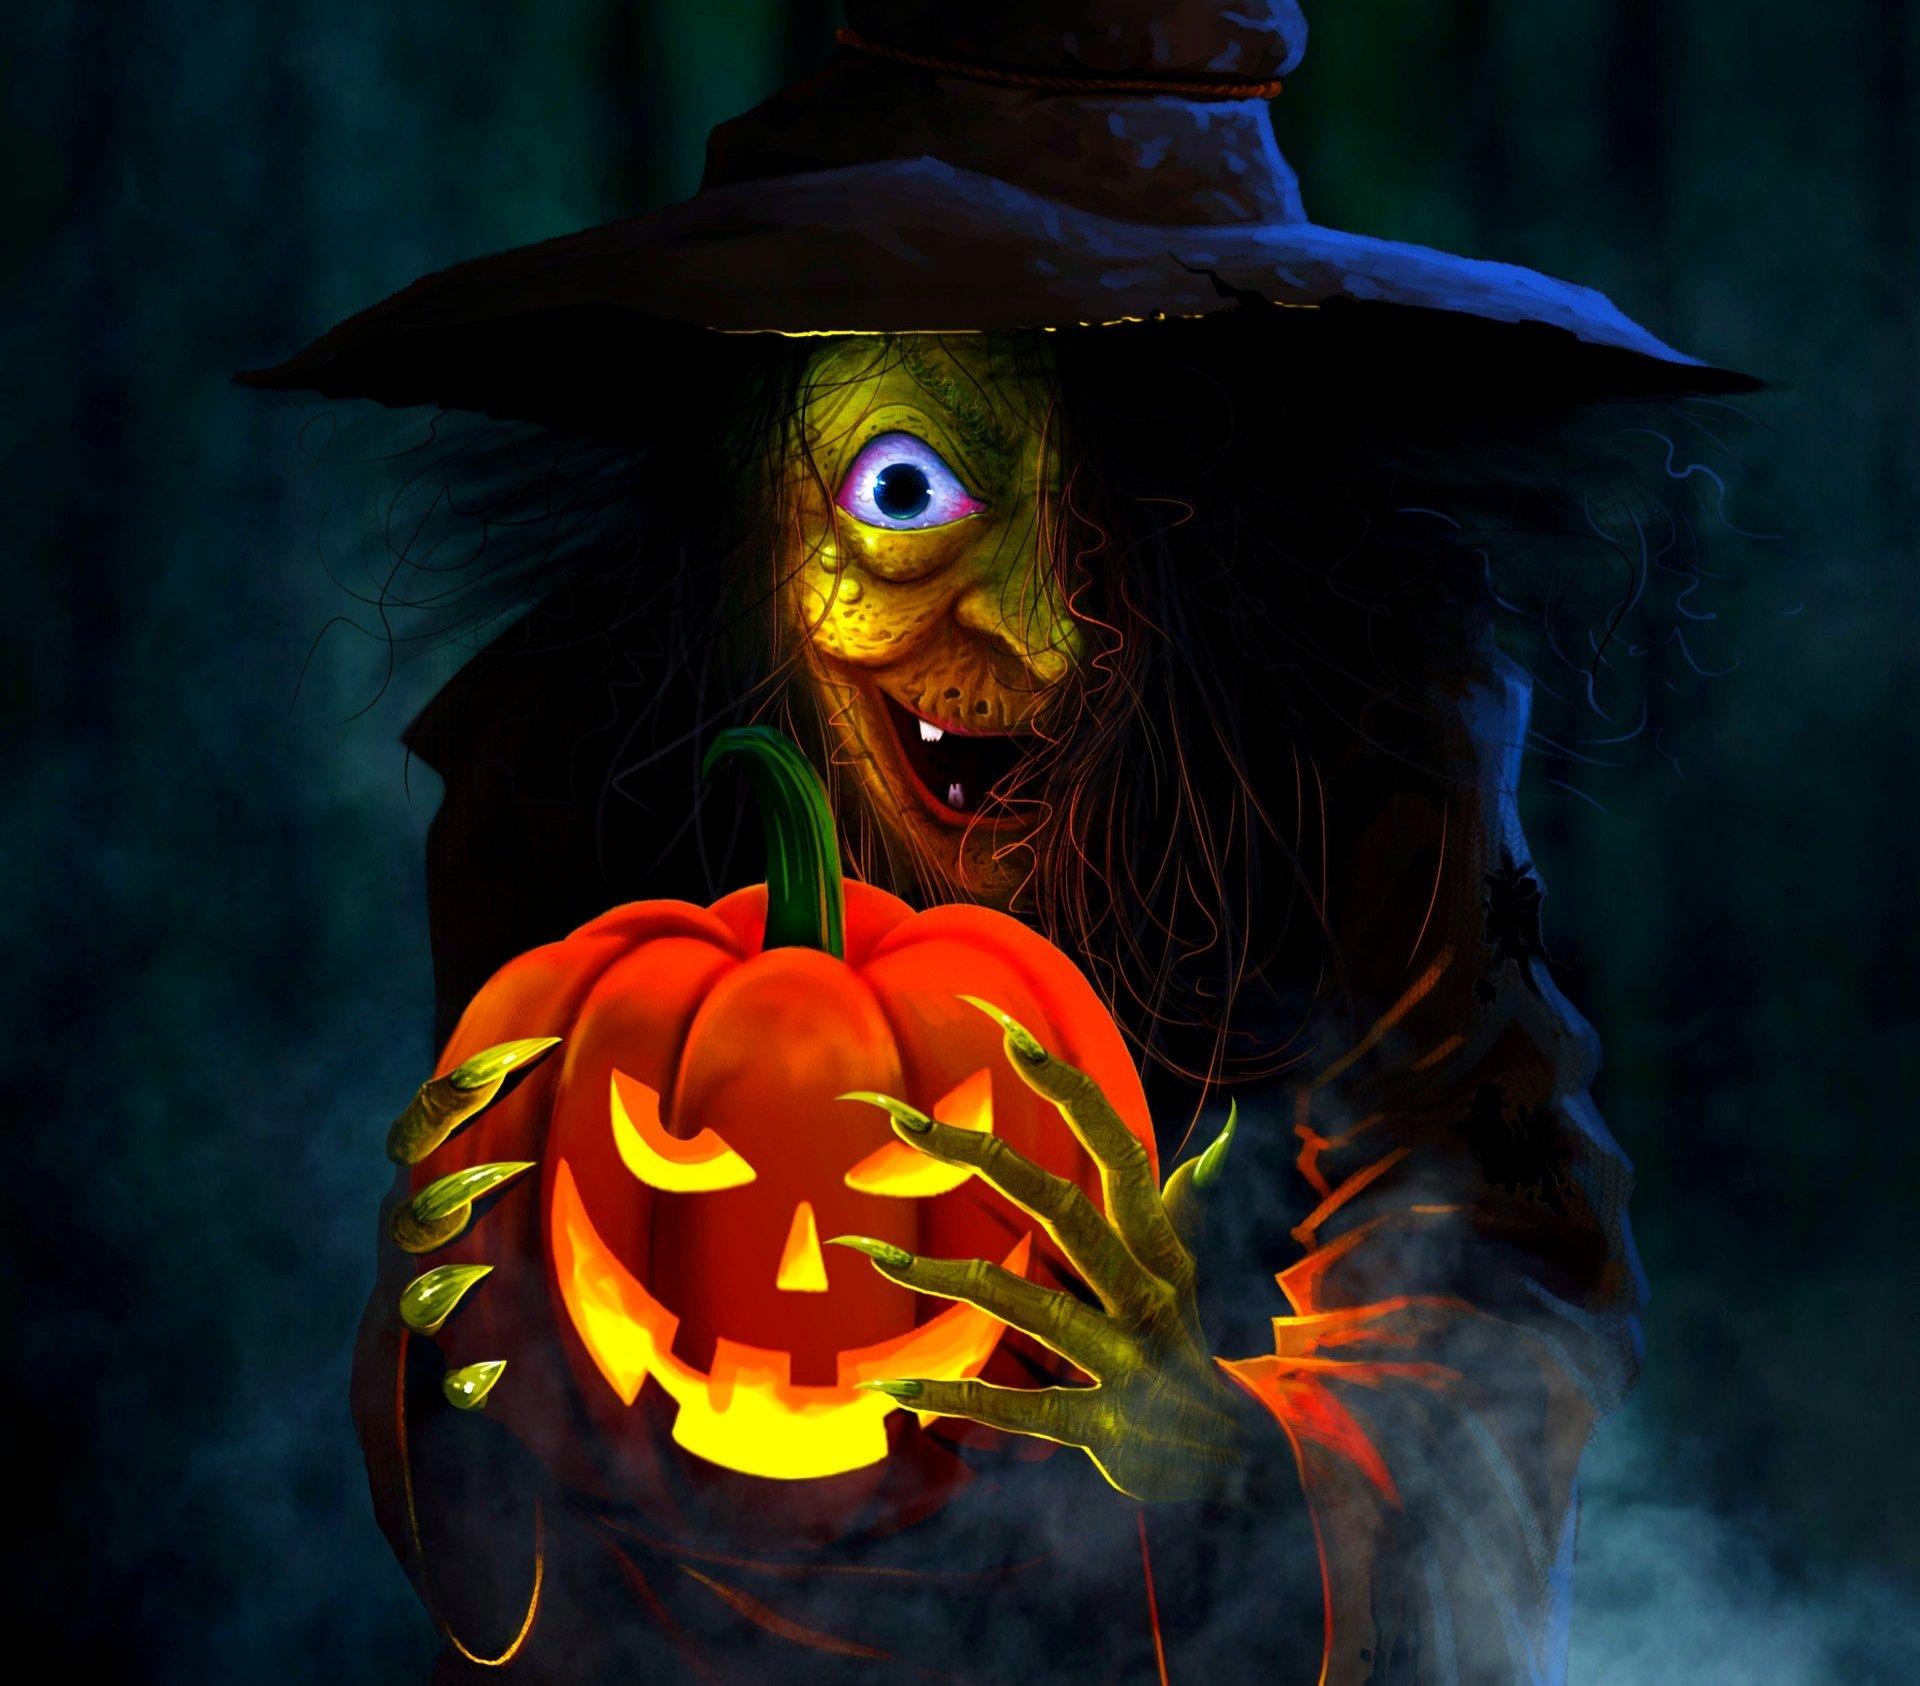 节日 - 万圣节  节日 女巫 Jack-o'-lantern 壁纸